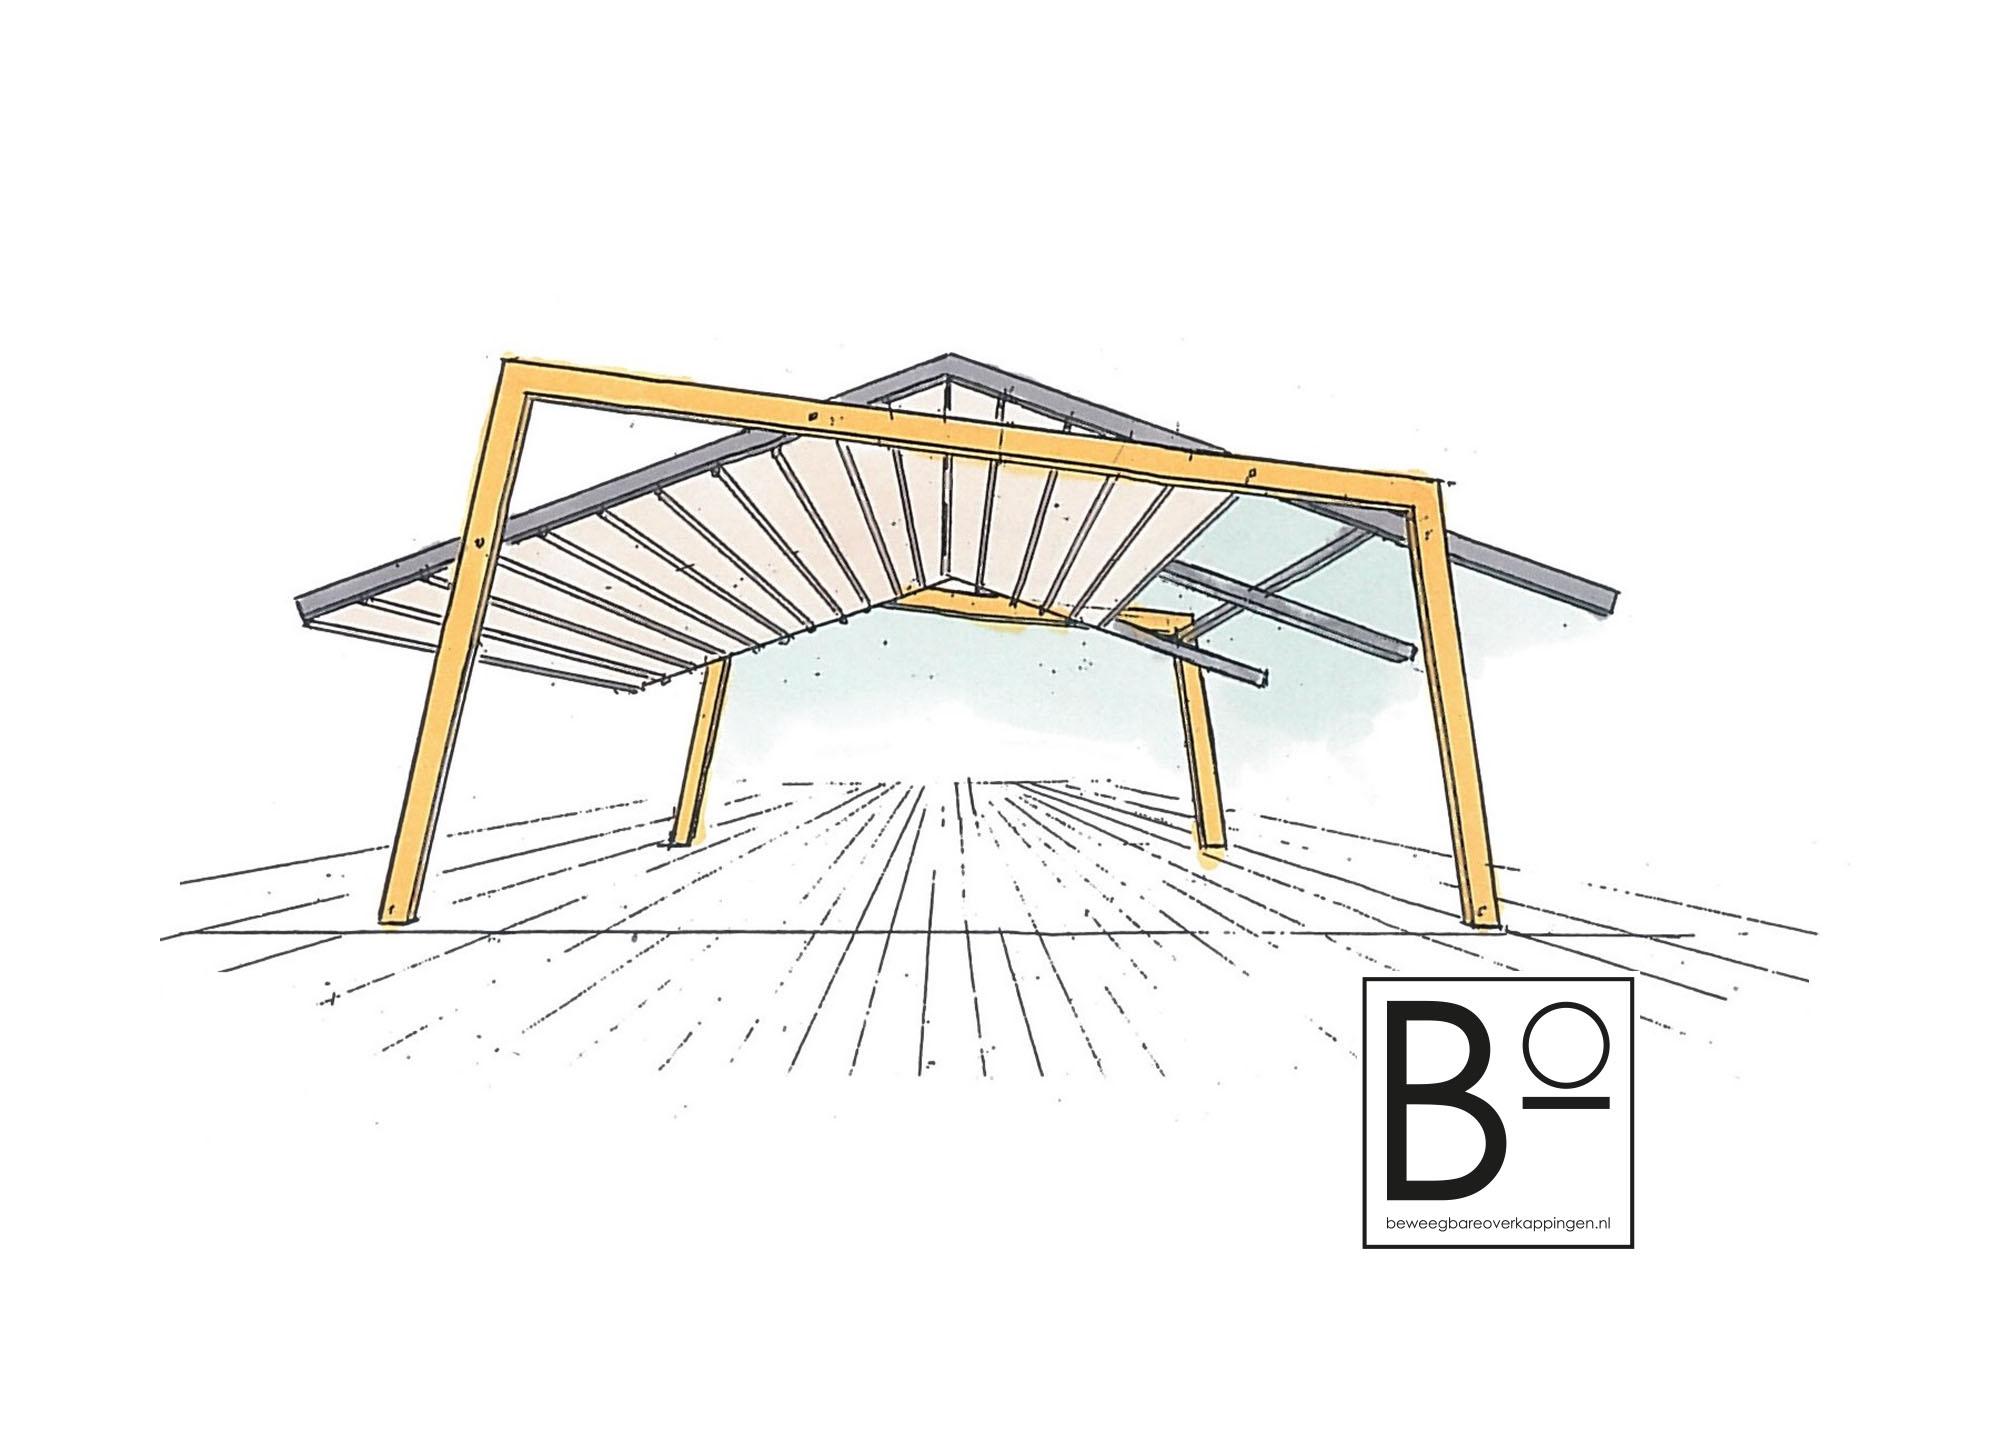 tekening design overkapping met houten constructie